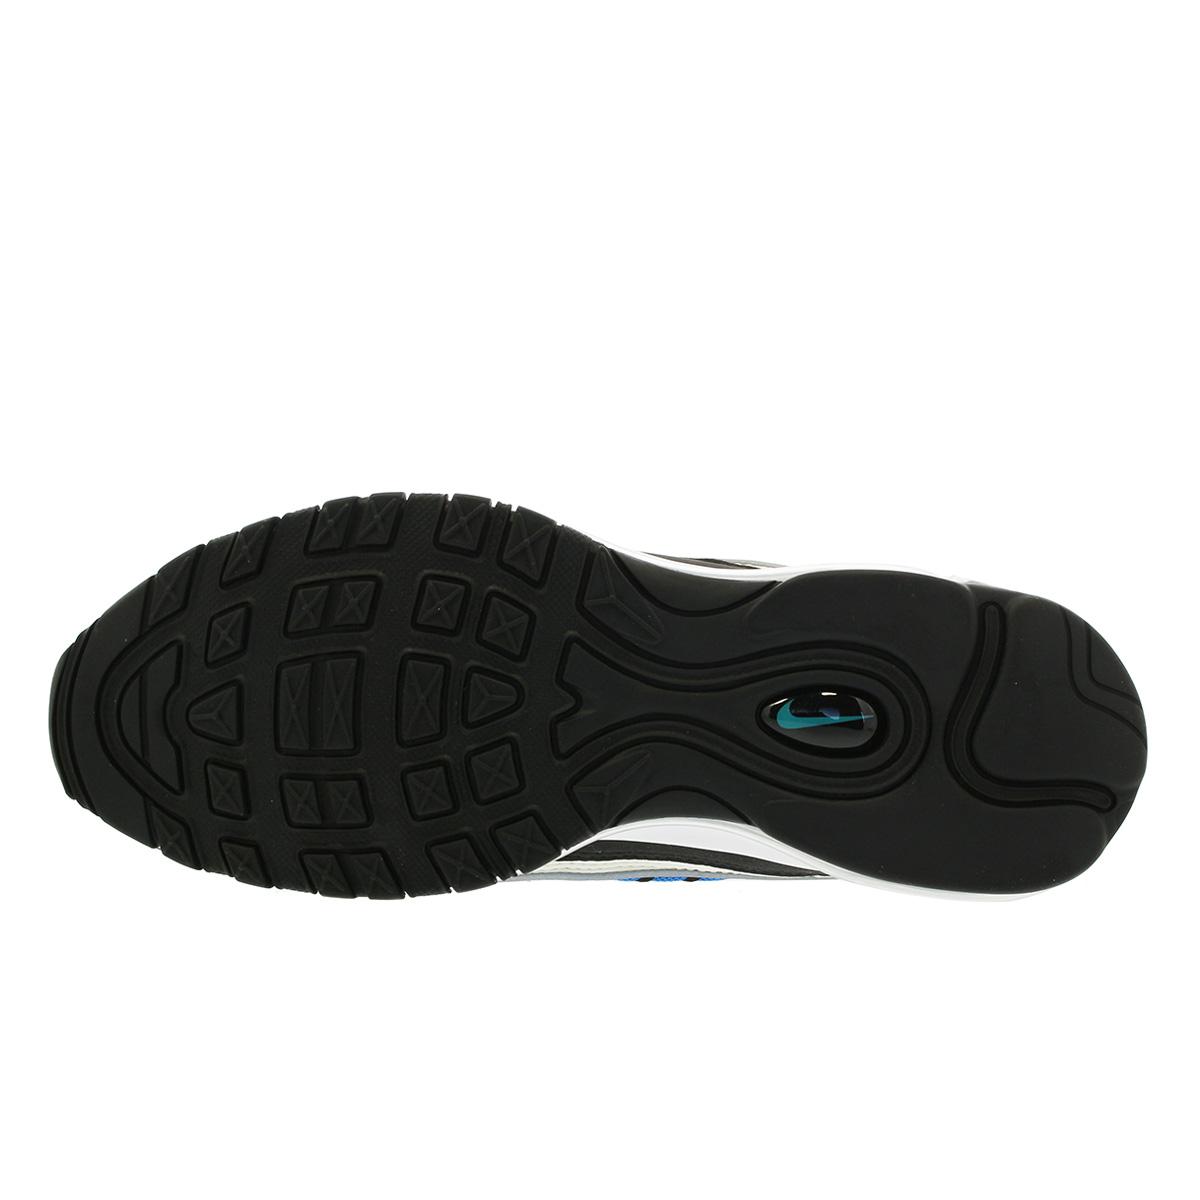 c52ddac185 ... NIKE WMNS AIR MAX 98 Nike women Air Max 98 SAIL/RADIANT EMERALD/BLUE ...